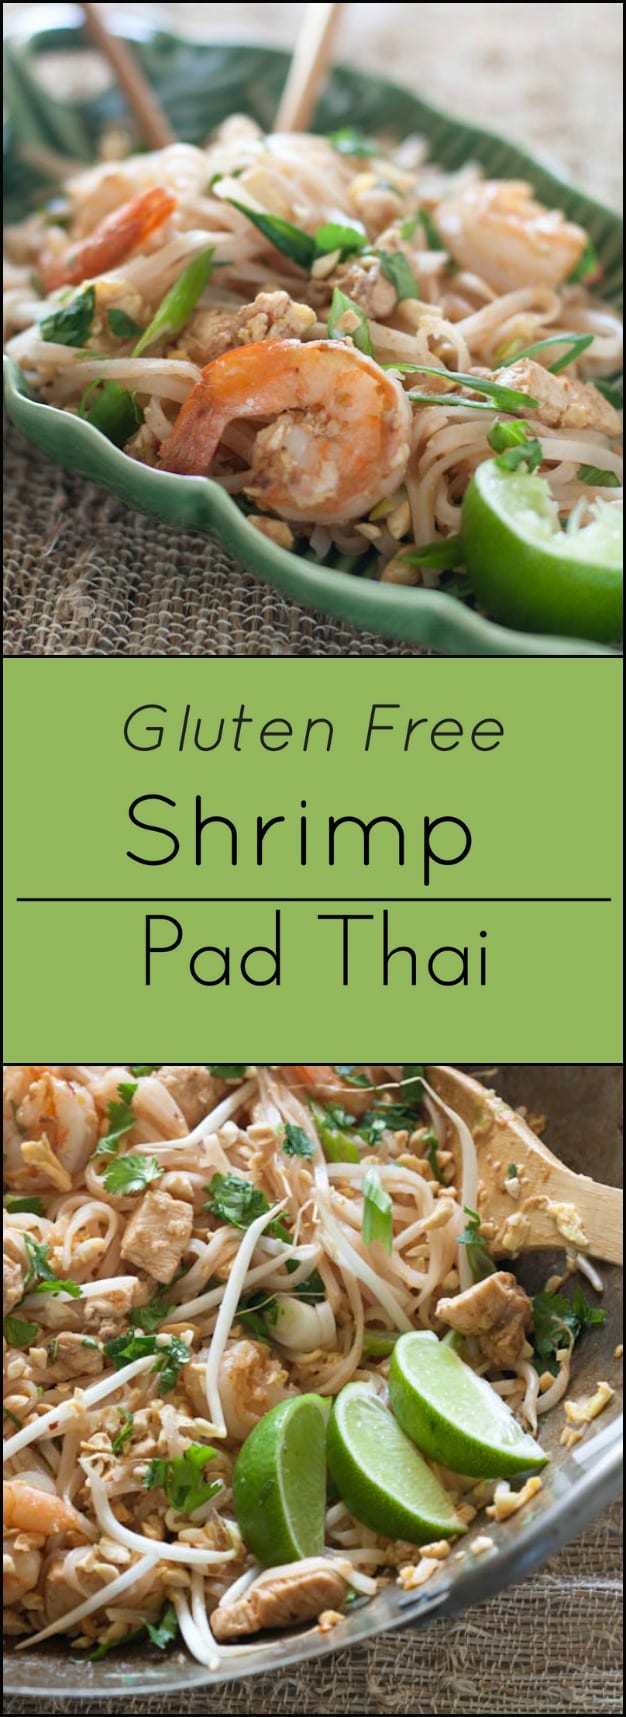 Gluten free Shrimp Pad Thai.